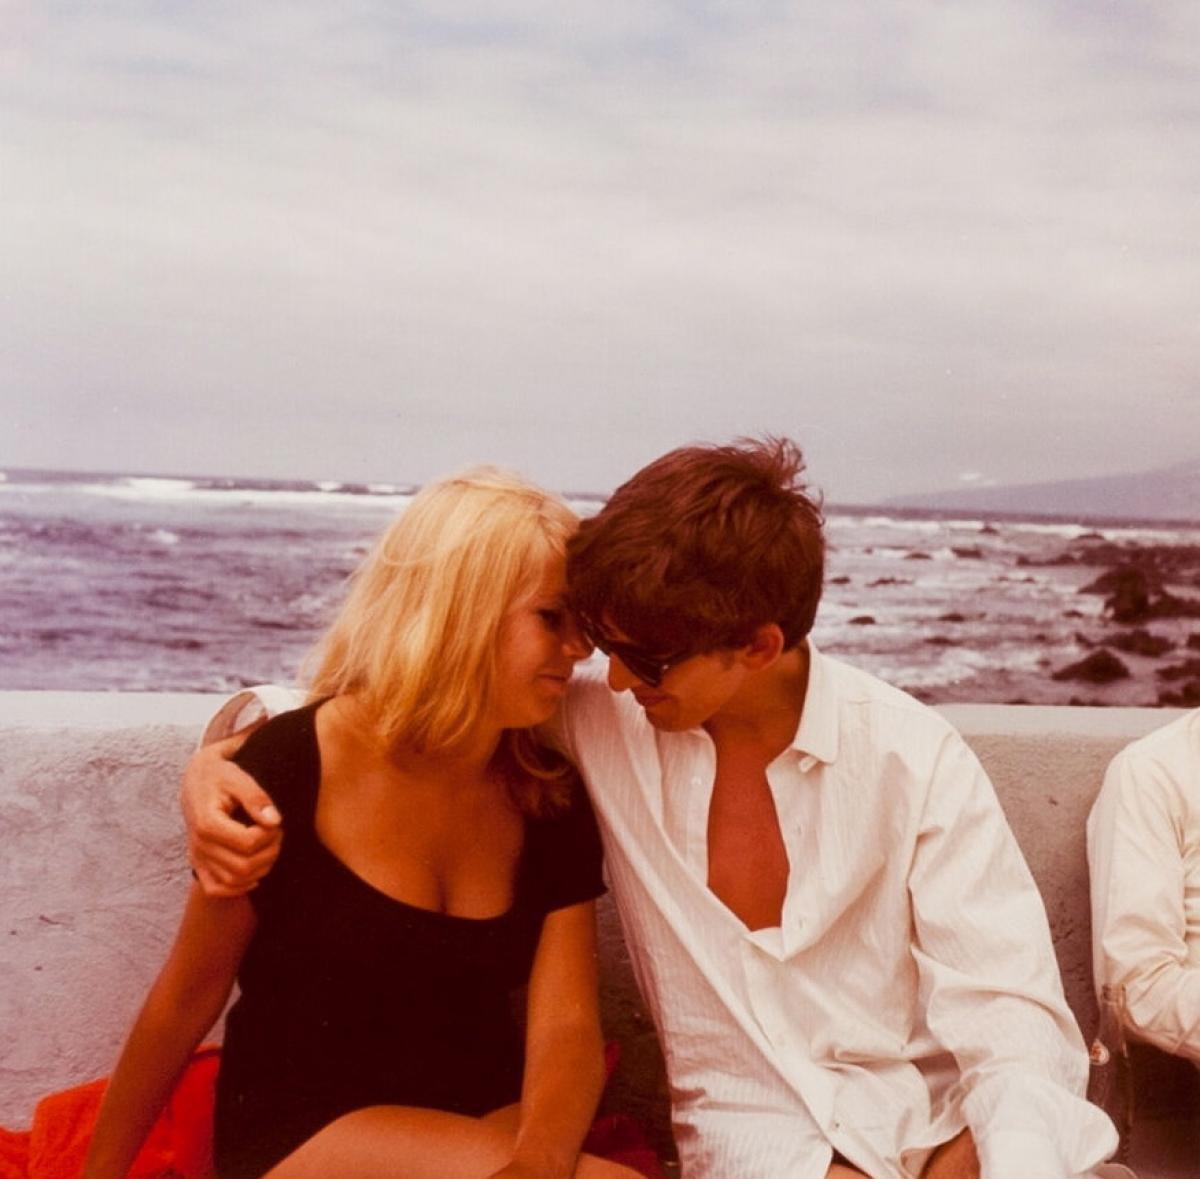 Na zdjęciu widzimy muzyka w białej koszuli i okularach przeciwsłonecznych obejmującego blondynkę w czarnej sukience. Oboje mają blisko siebie twarze i uśmiechają się.